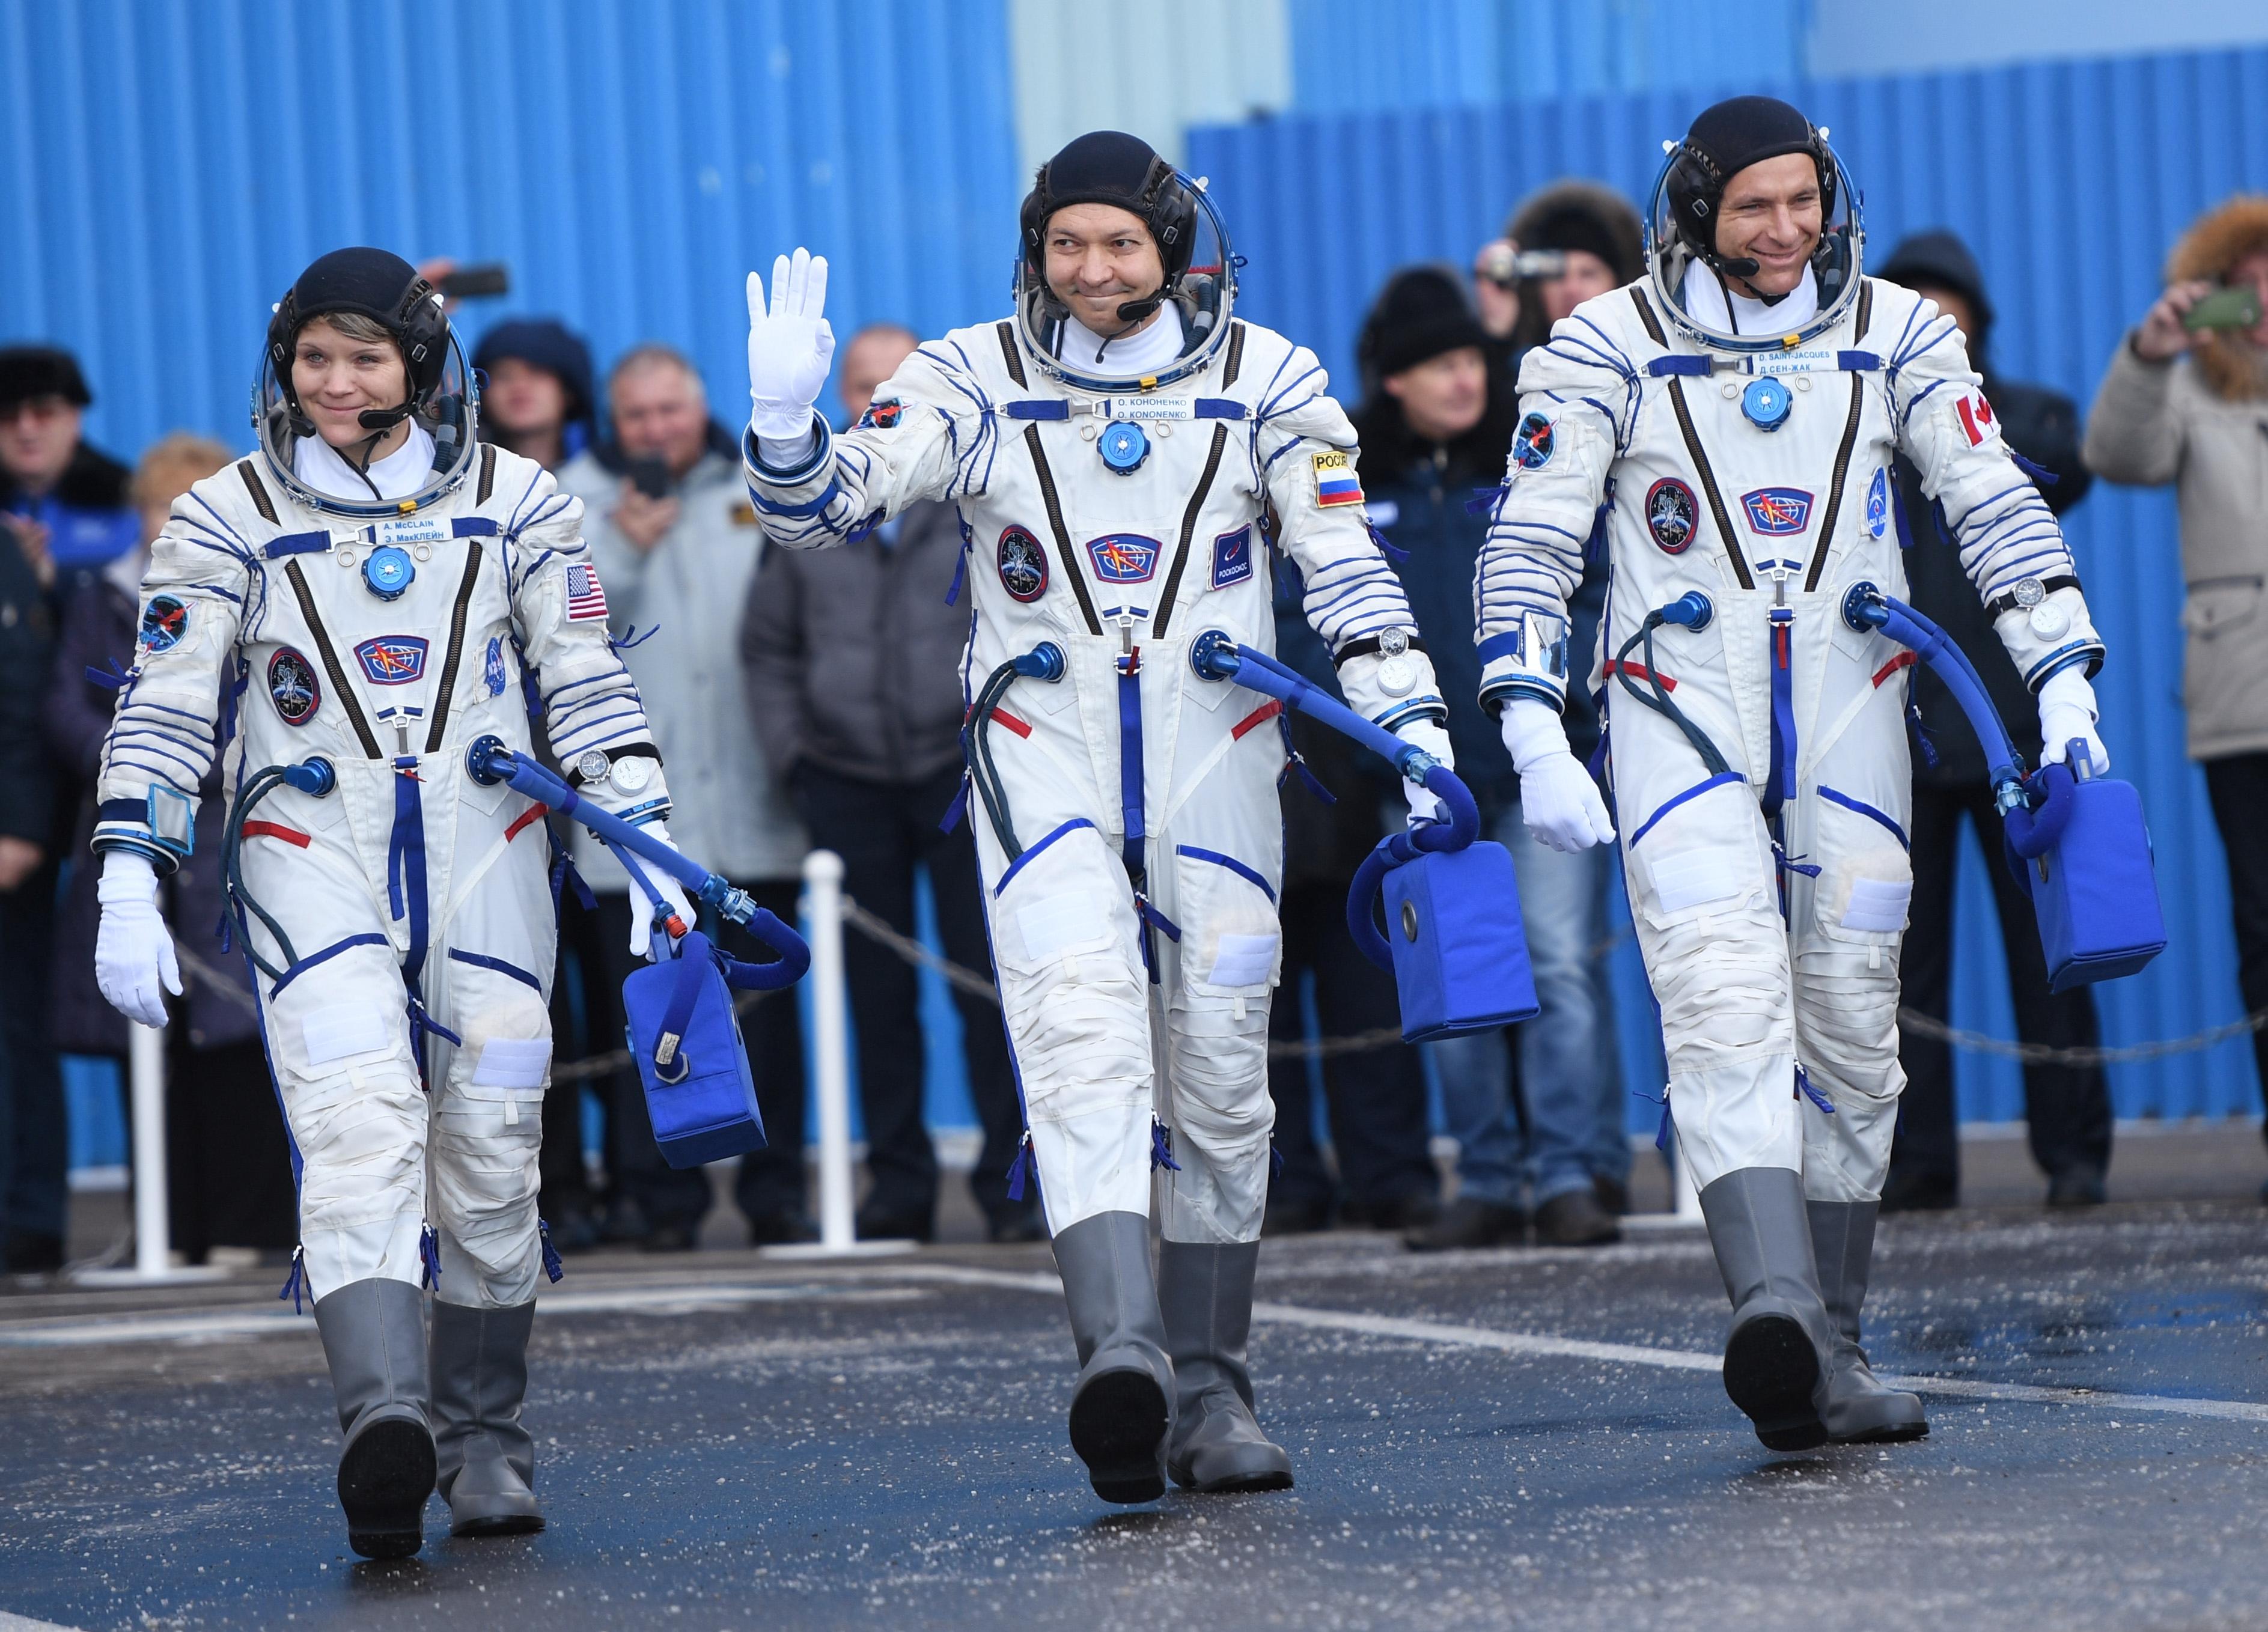 Asztronautákat és paraasztronautákat toboroz az Európai Űrügynökség